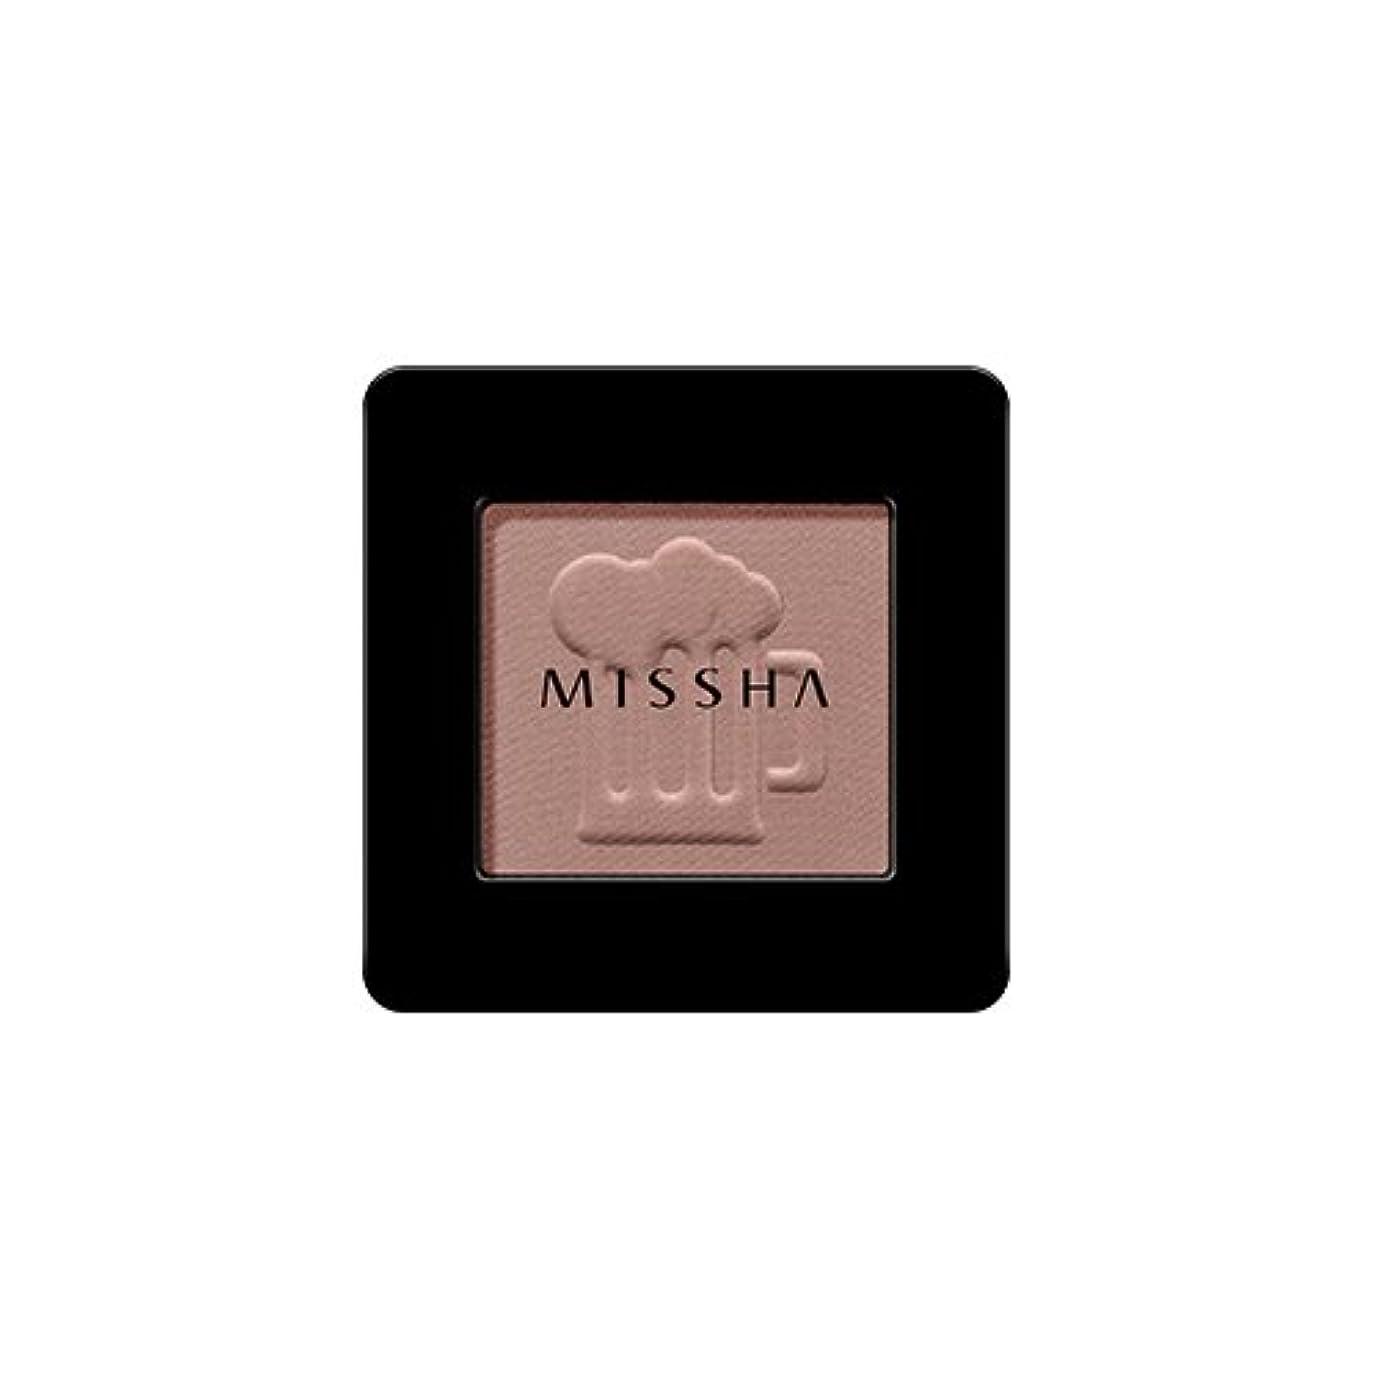 ハンカチ考えほかに[2016 F/W New Color] MISSHA Modern Shadow [Matt]/ミシャ モダン シャドウ [マット] (#MBR07 Honey Potato)